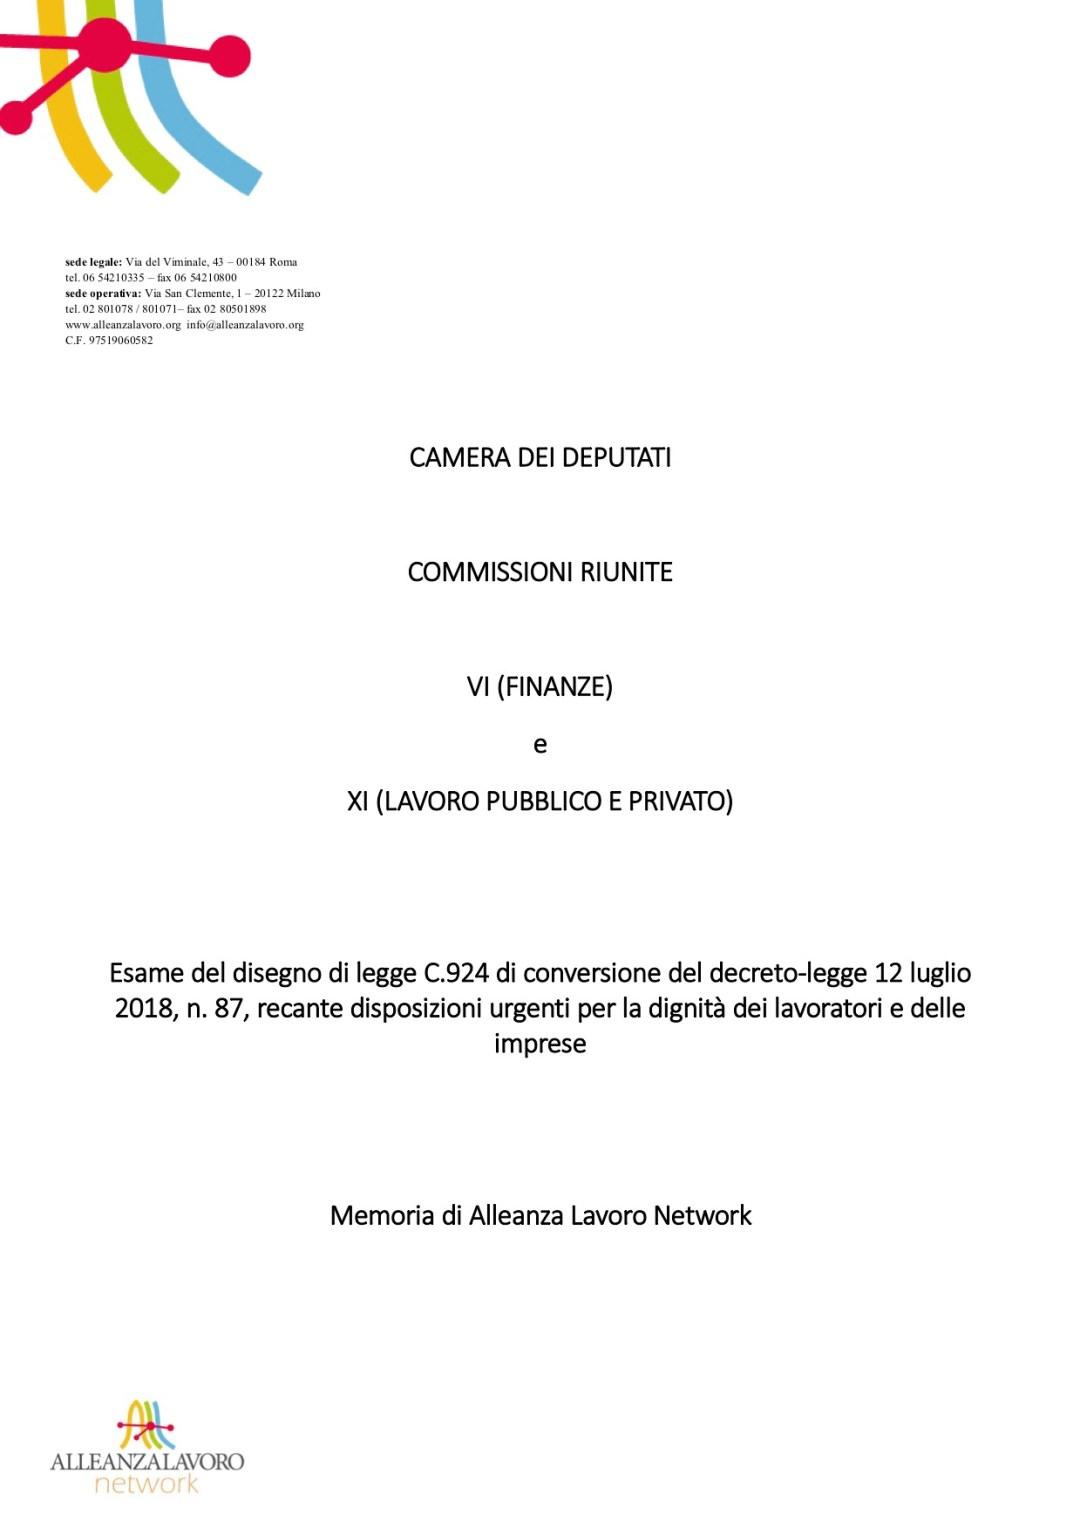 Decreto Dignità: le proposte di Alleanza Lavoro nella Memoria presentata alla Camera